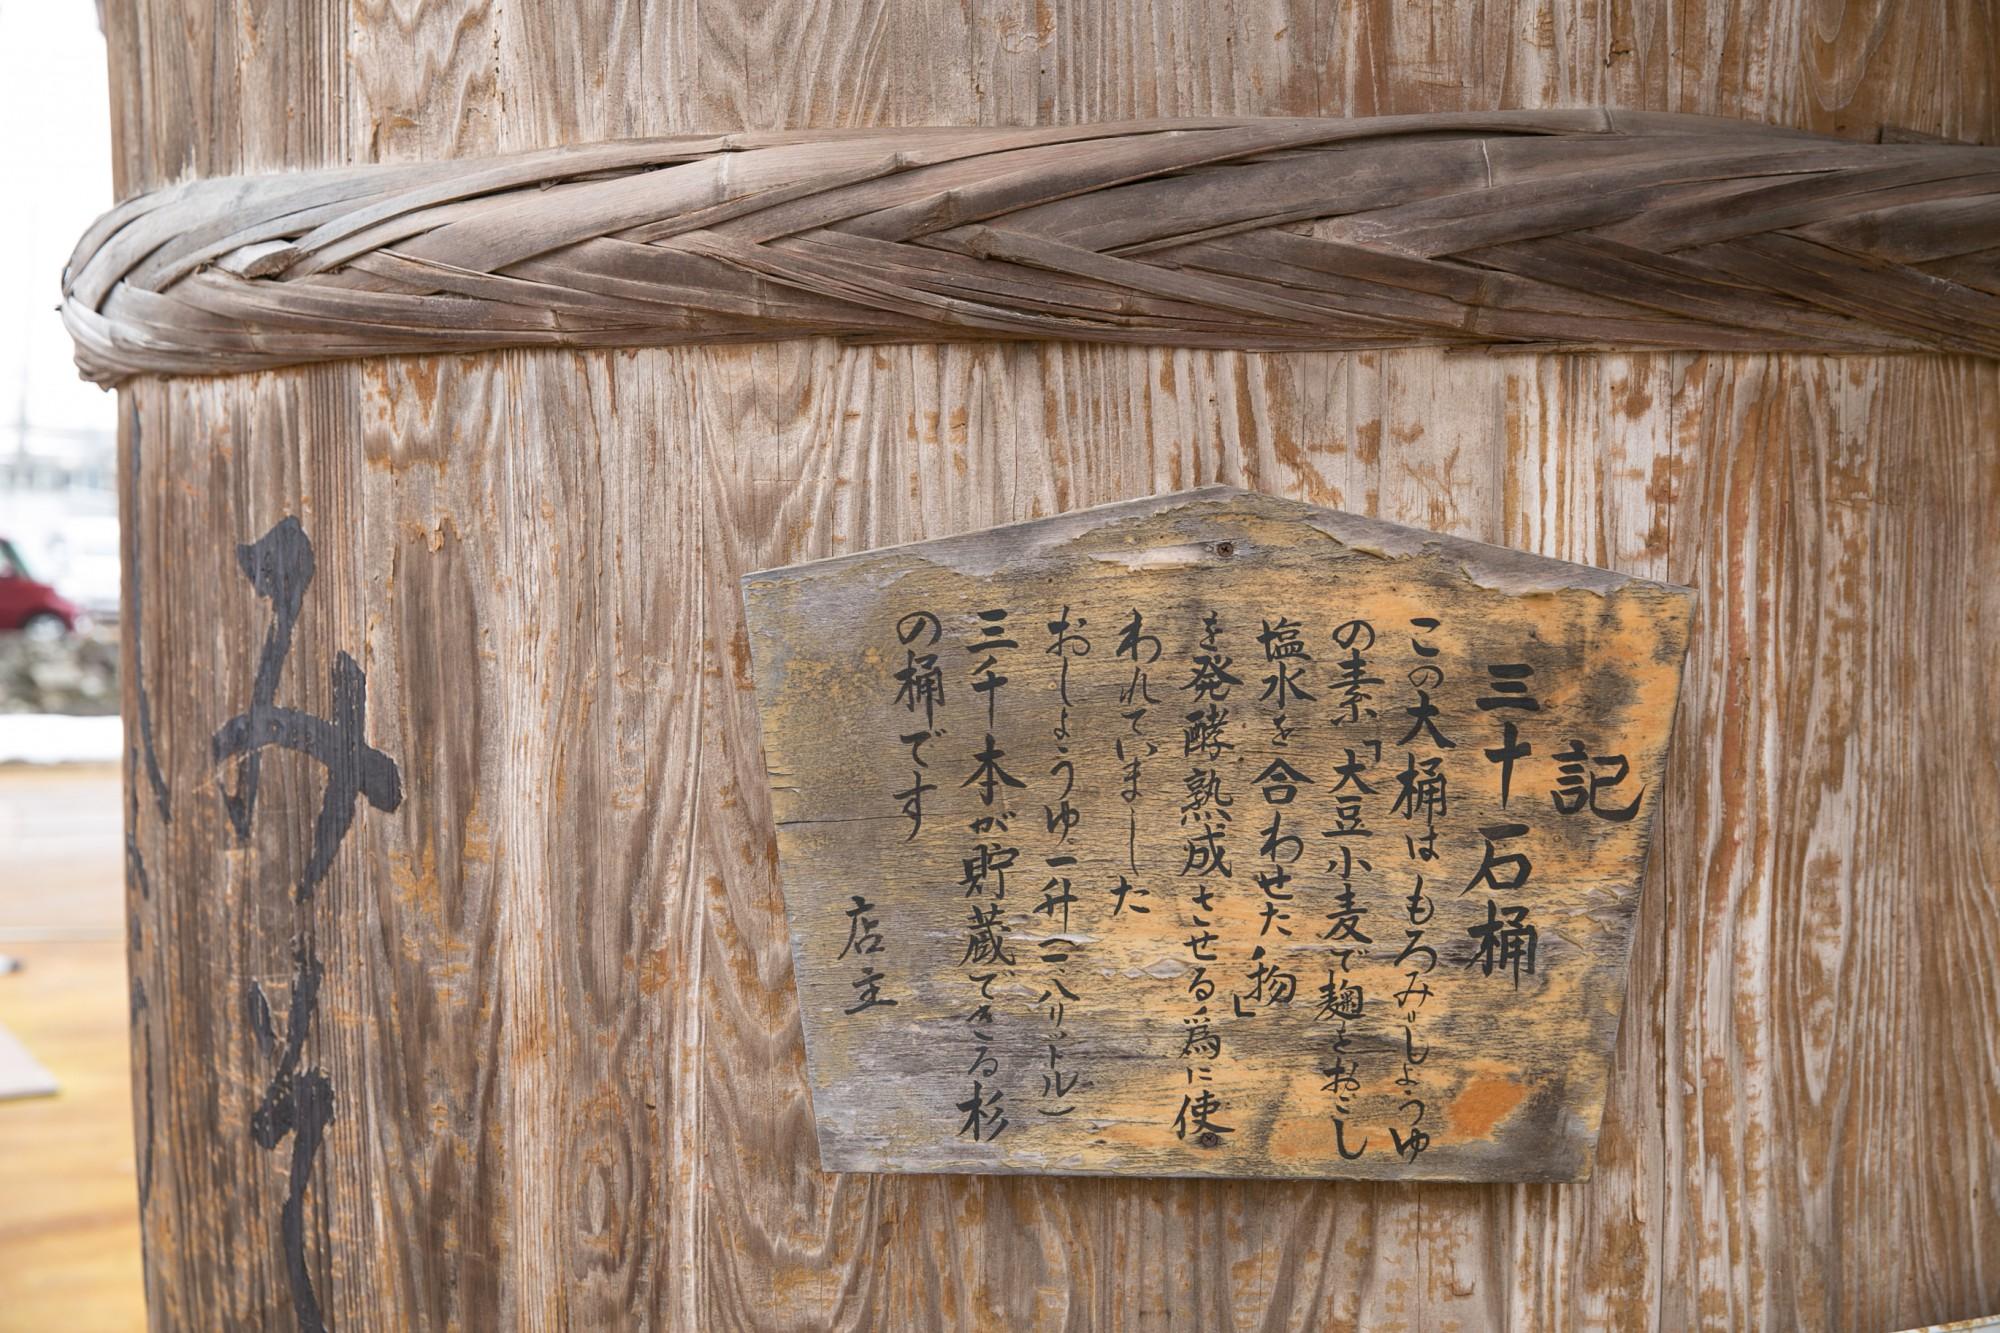 主屋前に置かれた大きな「三十石桶」が「星野本店」の目印。